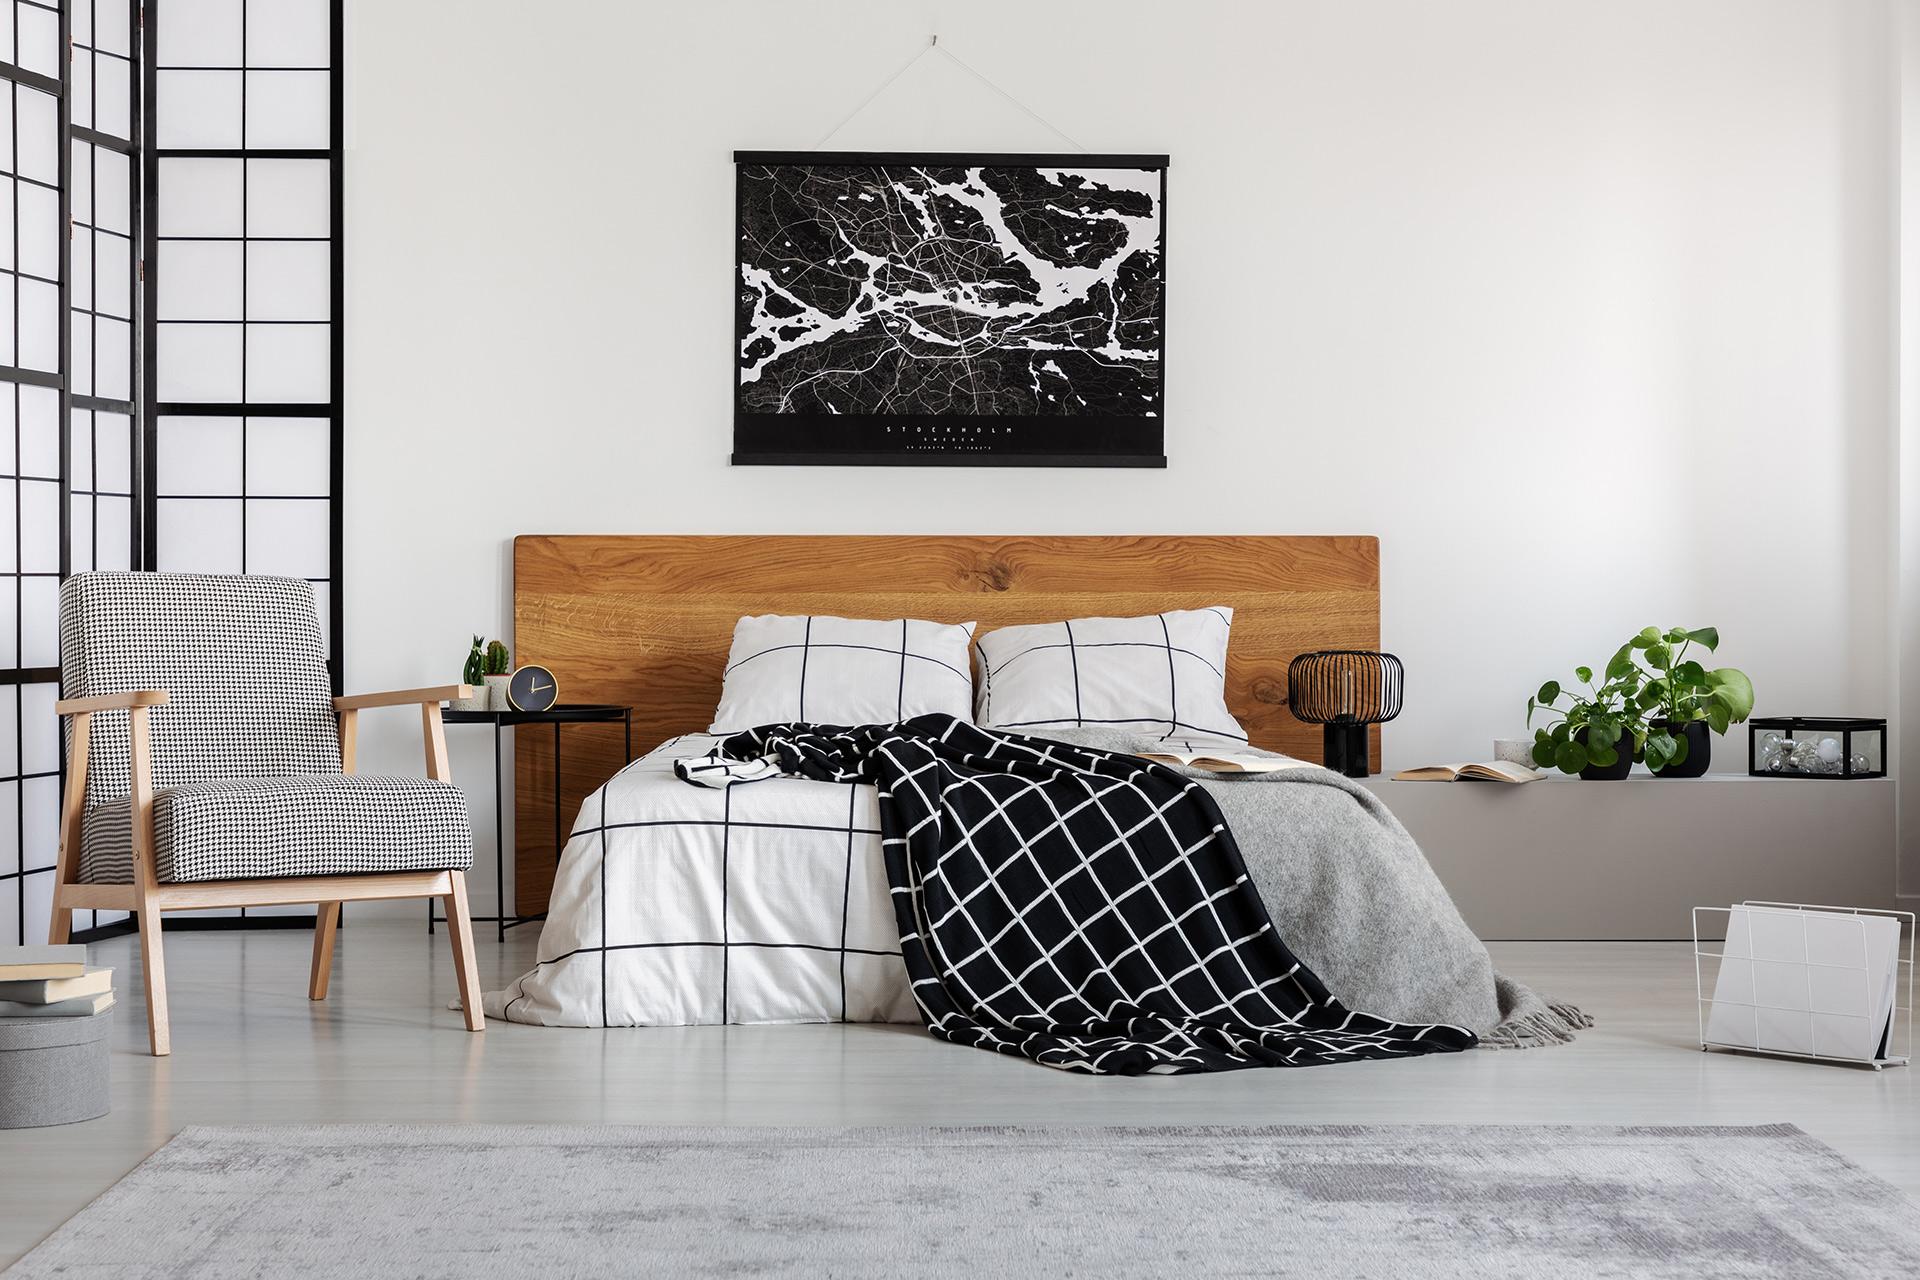 plakat w ramie w sypialni